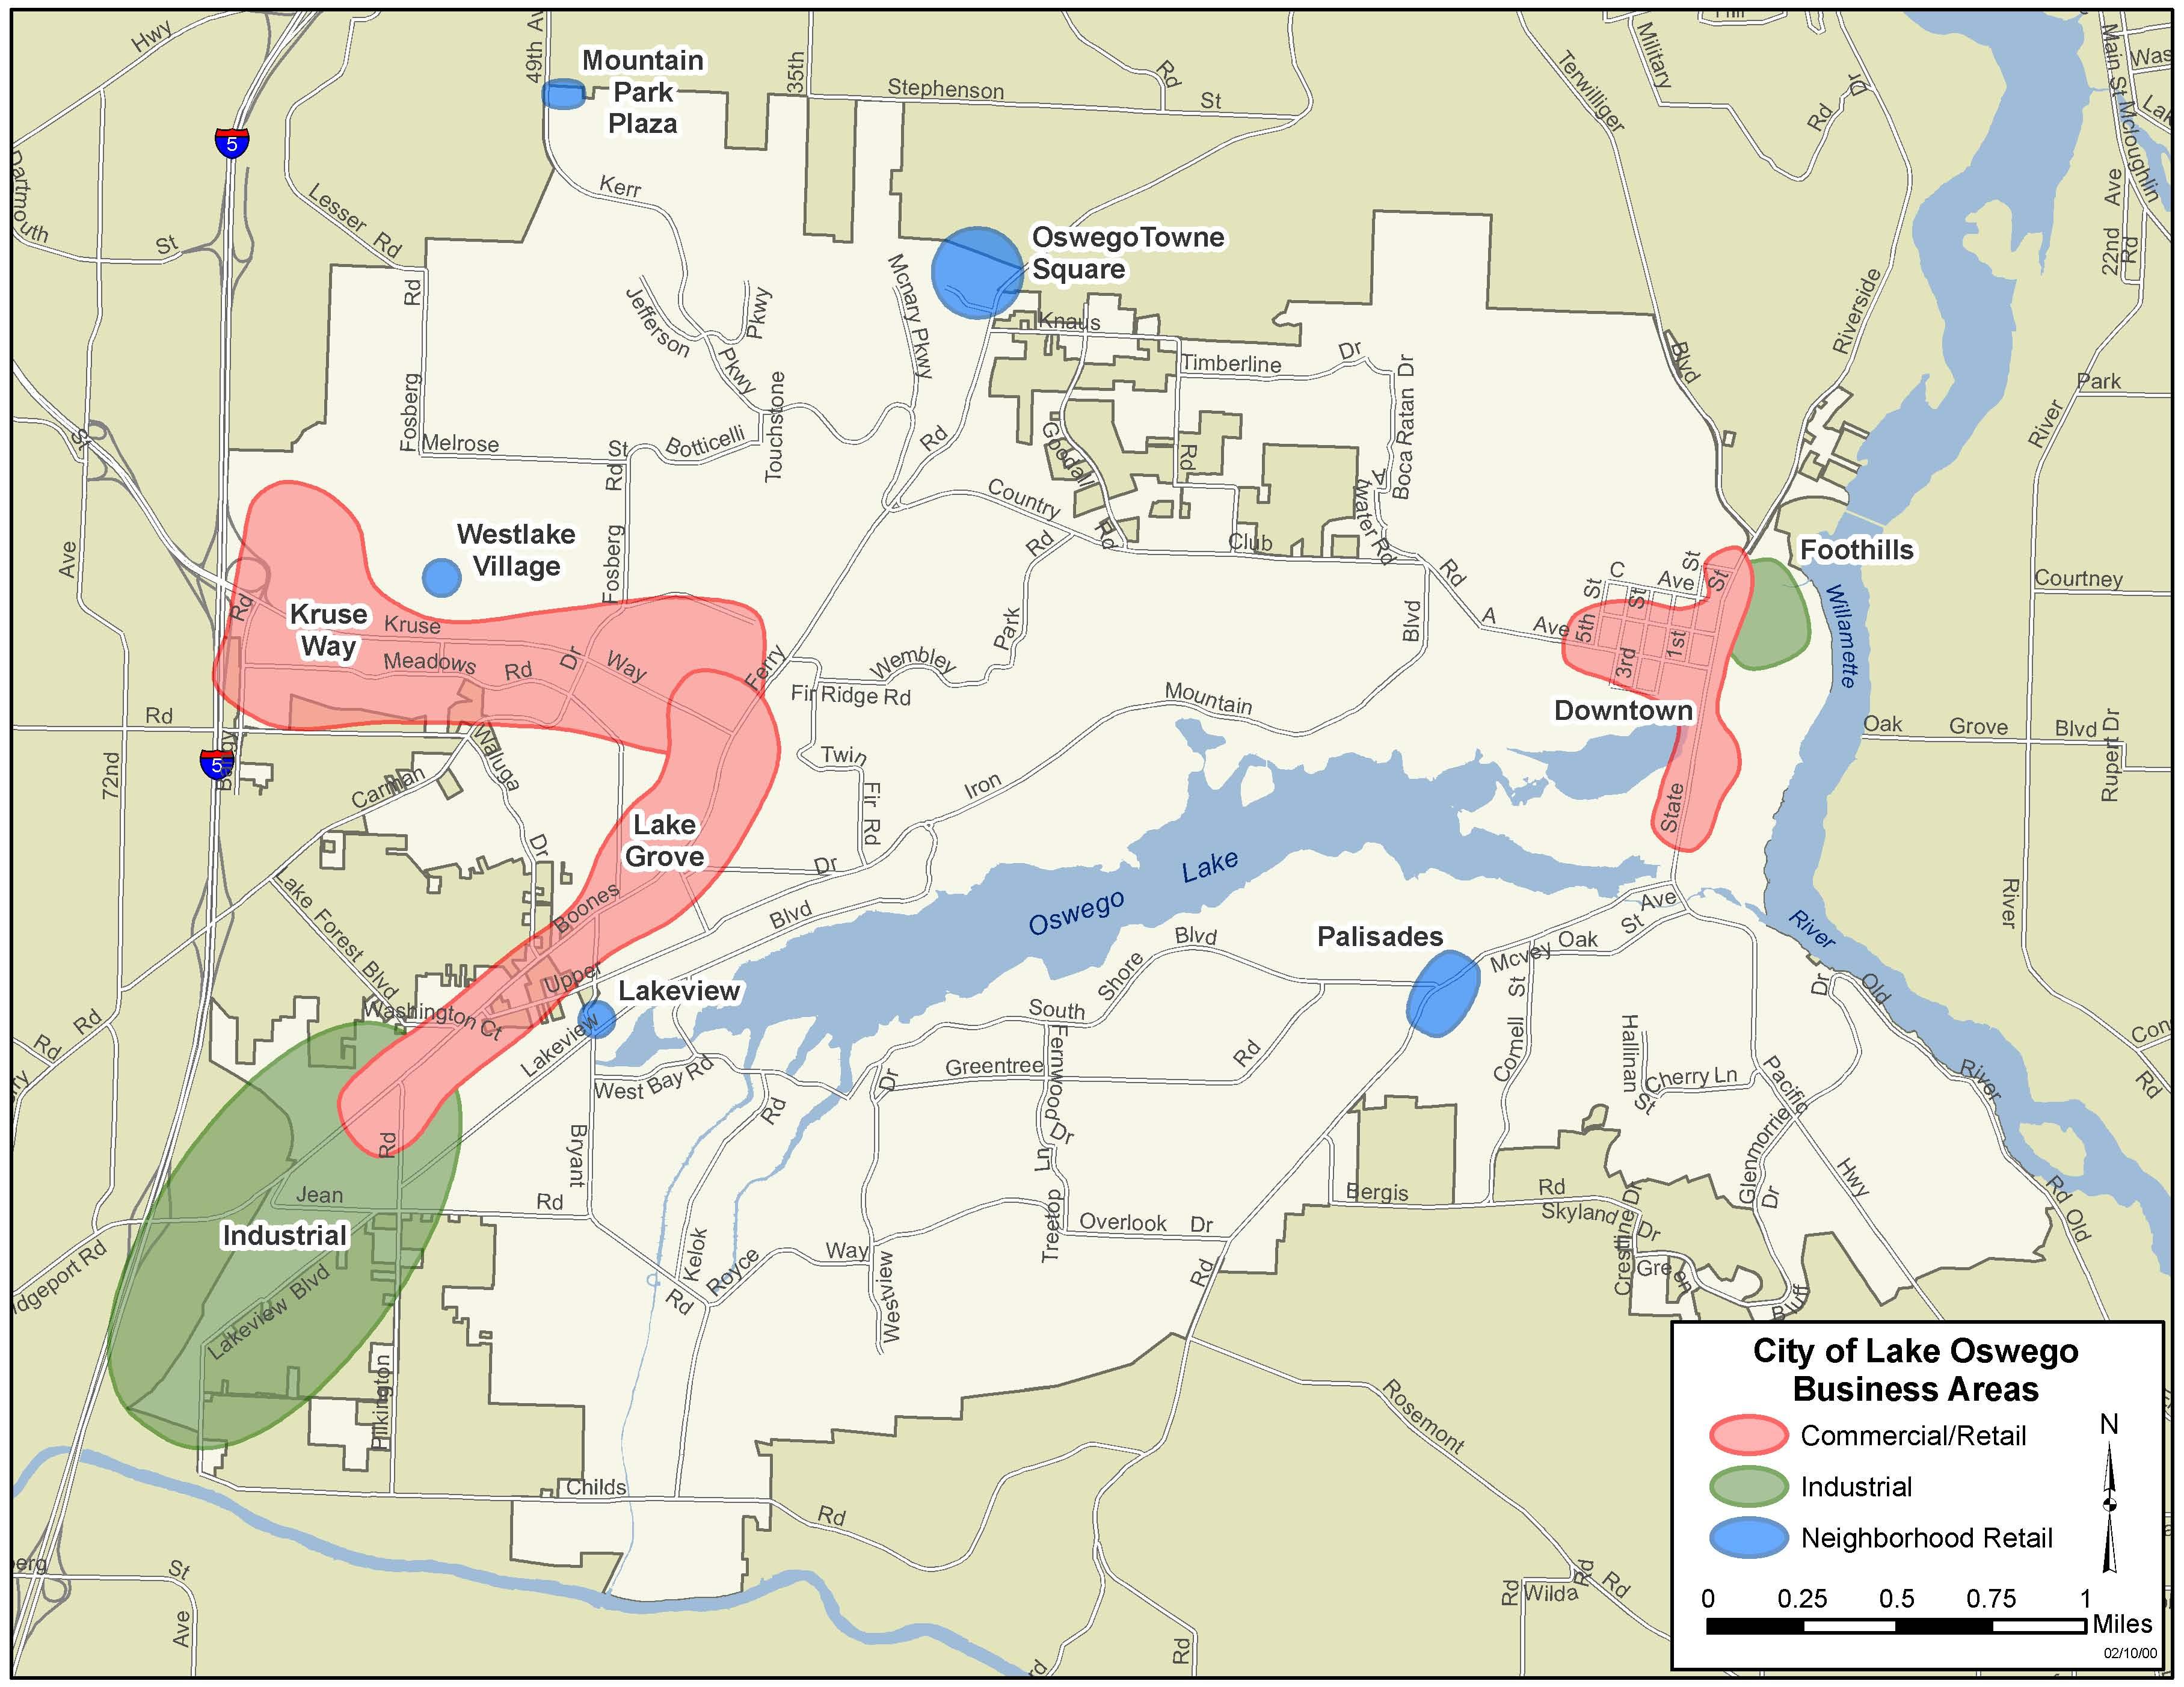 Lake Oswego Building Permits